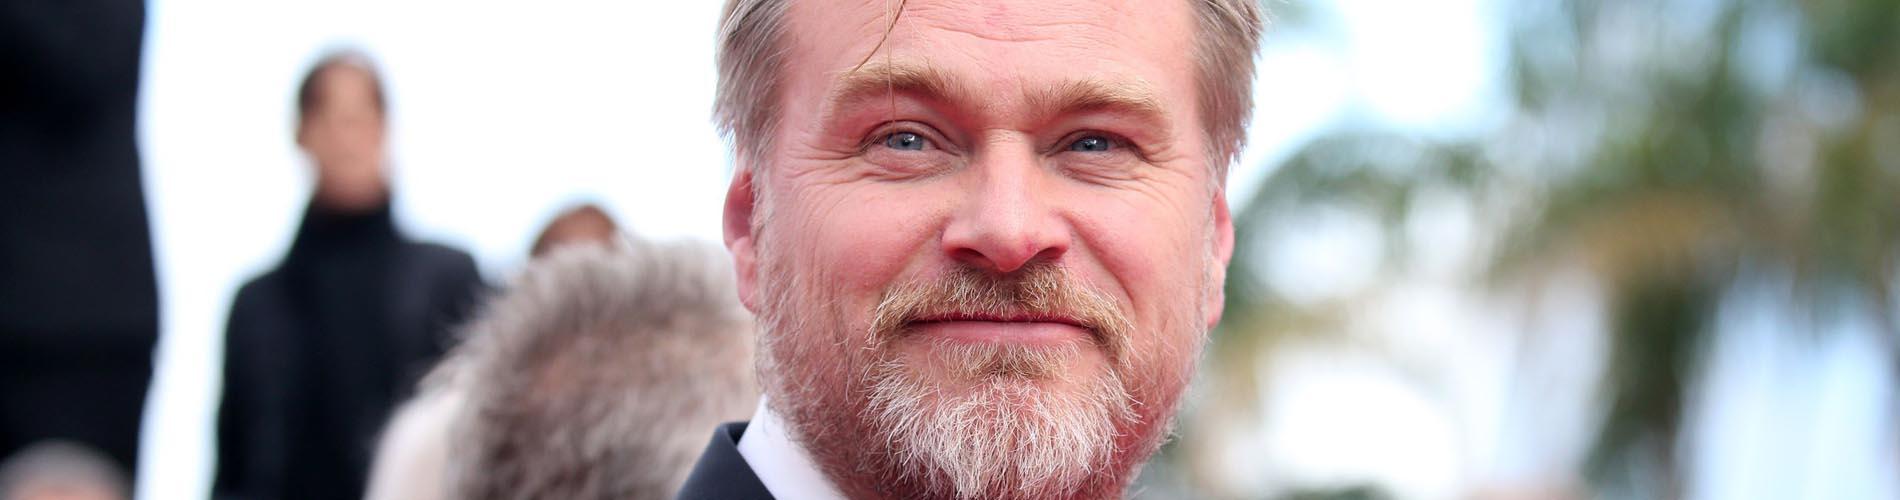 10 grandes escenas en la filmografía de Christopher Nolan